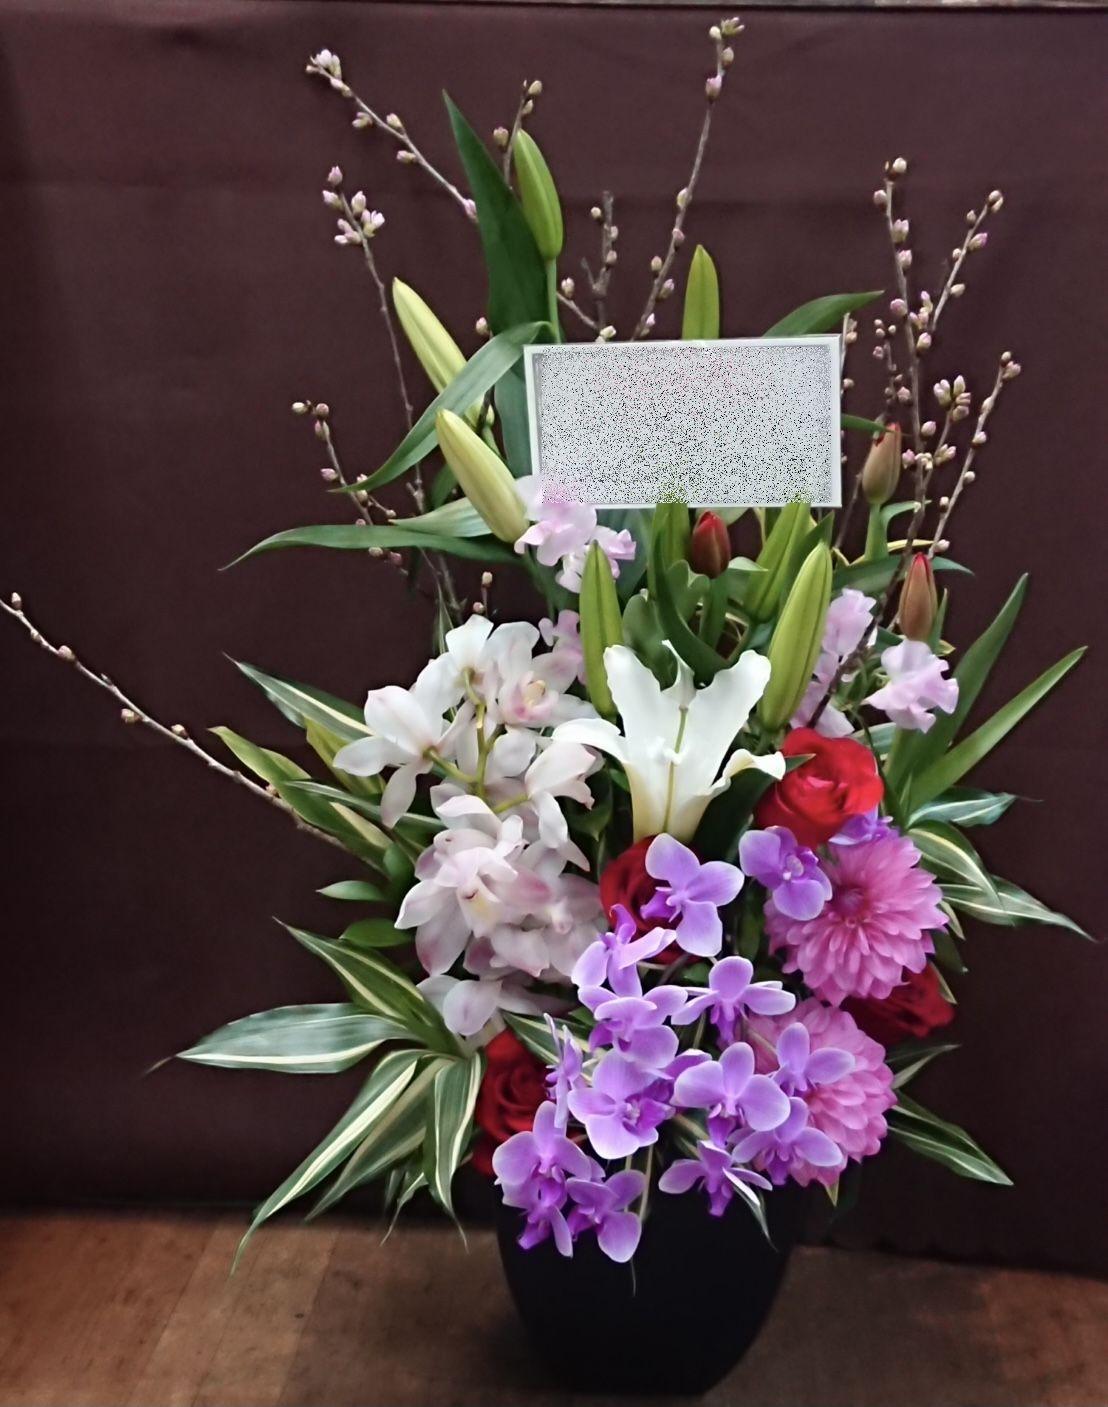 川崎市幸区へフラワーアレンジメントを即日当日配達しました。【横浜花屋の花束・スタンド花・胡蝶蘭・バルーン・アレンジメント配達事例856】